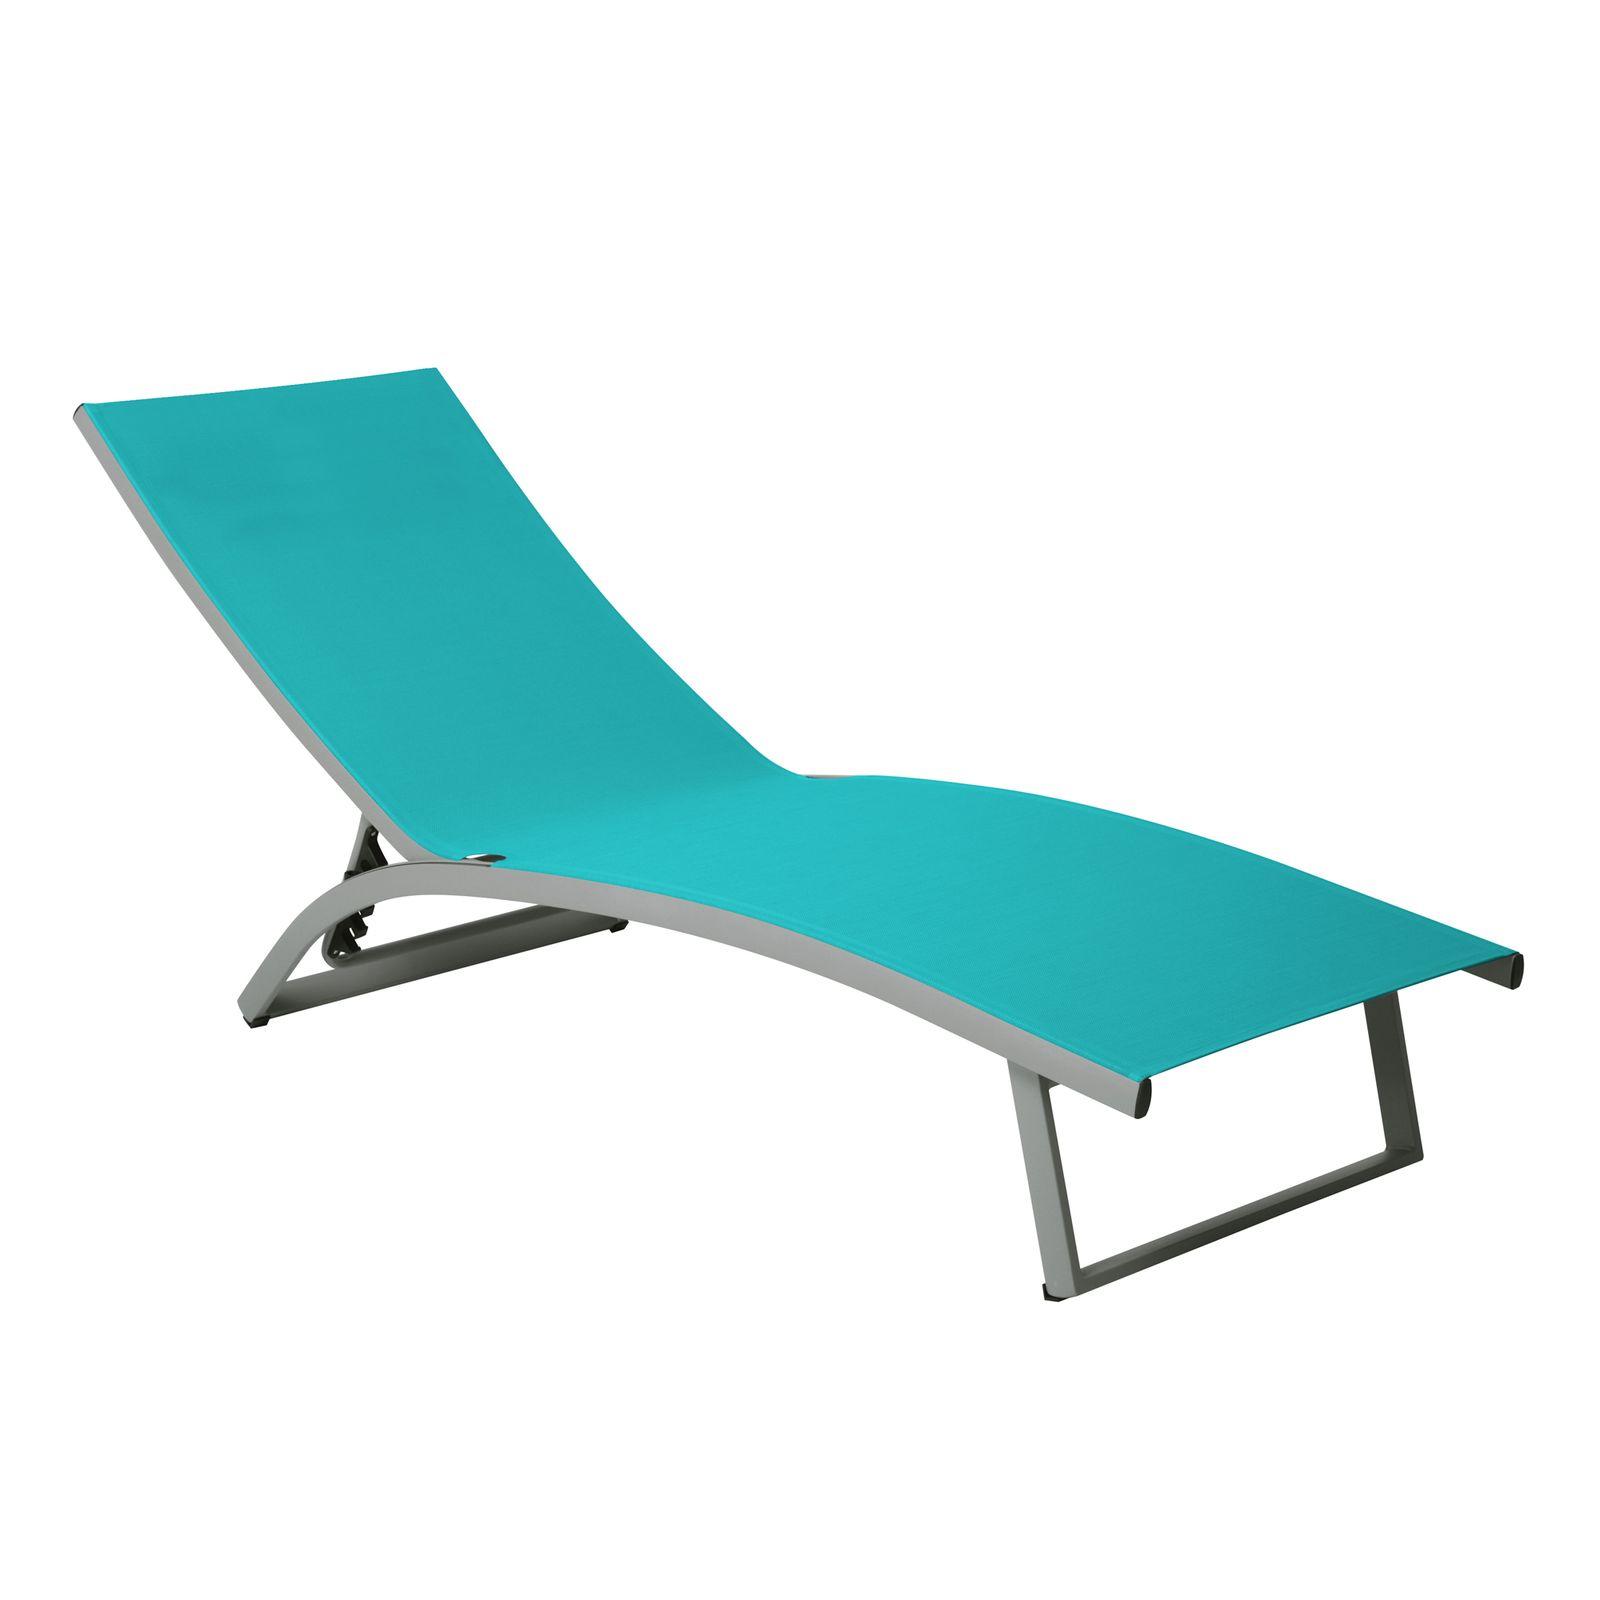 Łóżko plażowe Summer 5-pozycyjne turkus PATIO